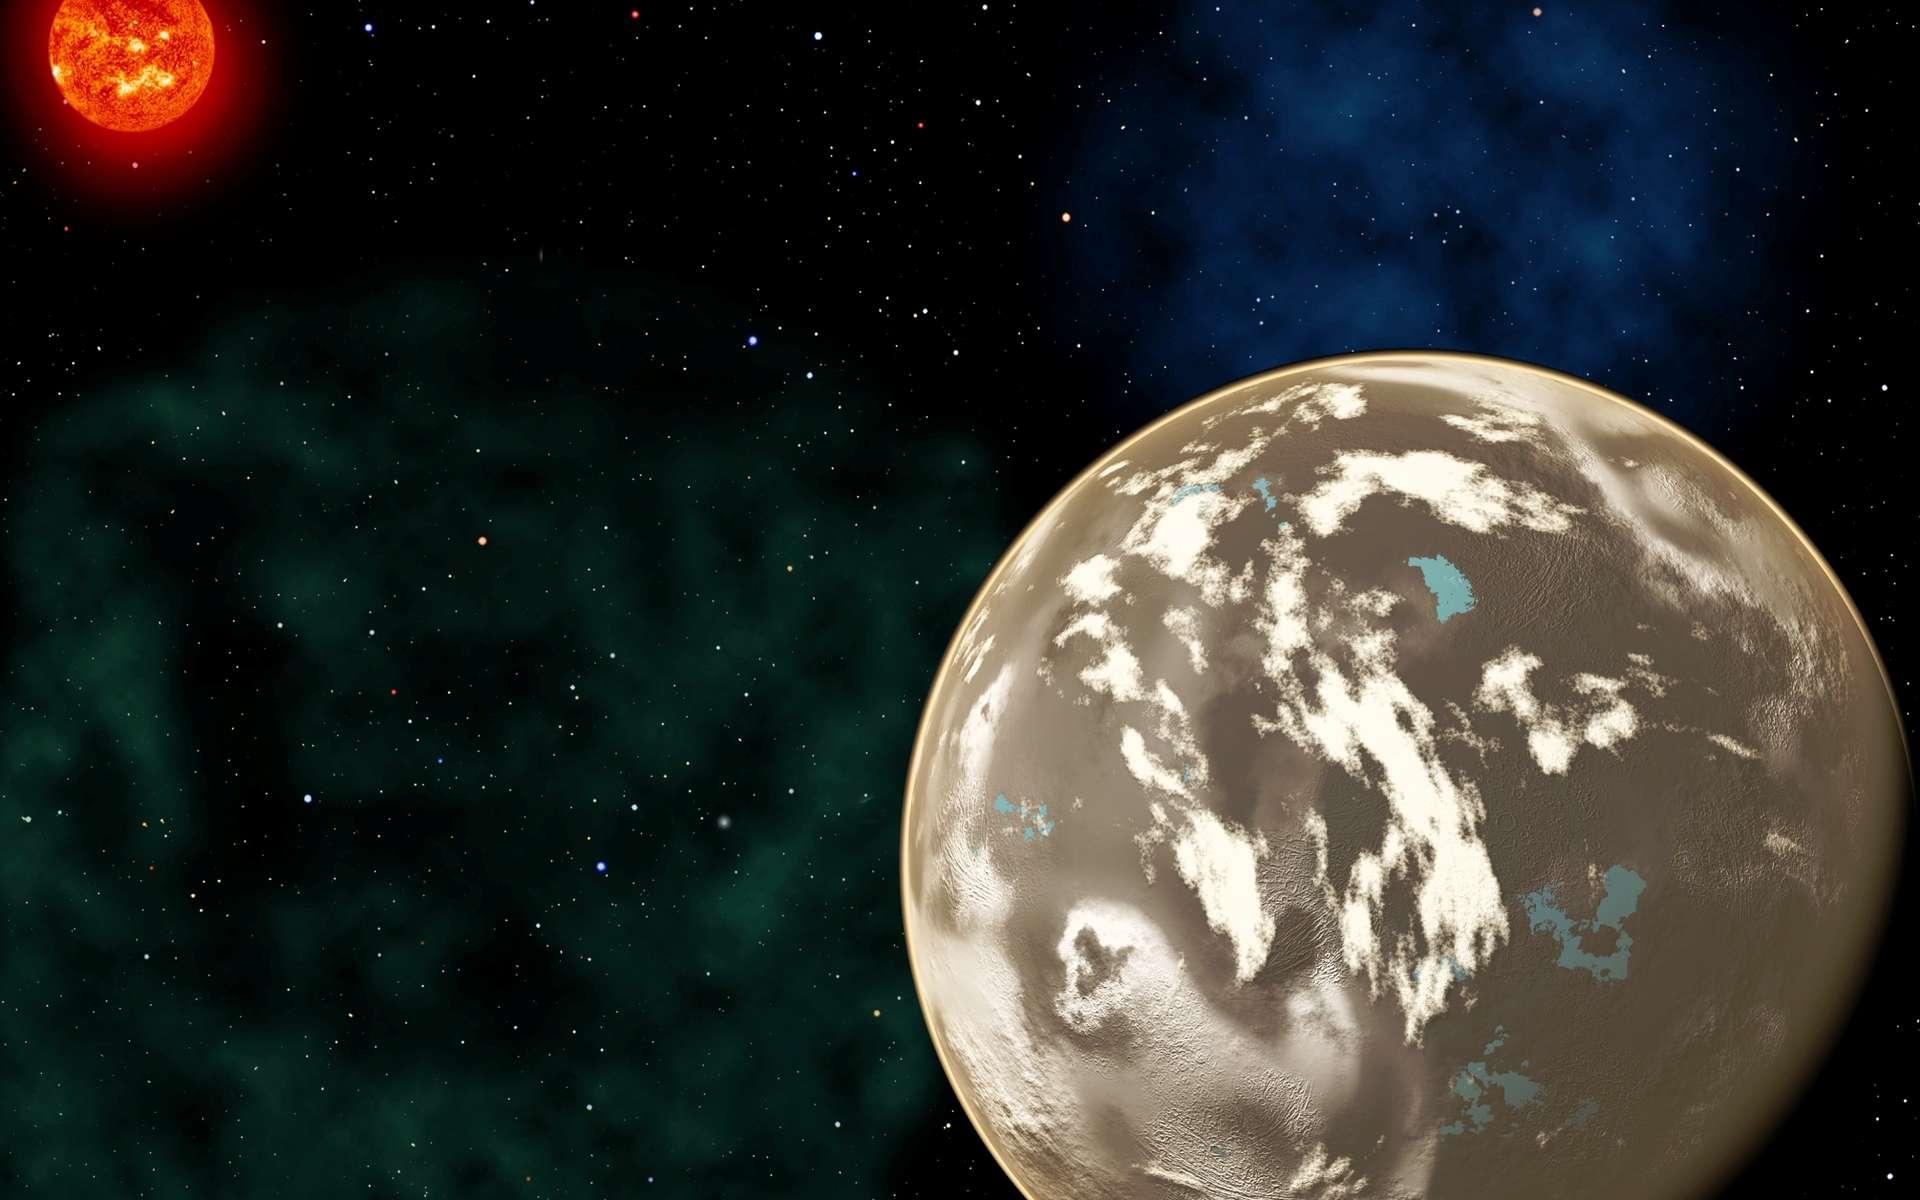 Les plus anciennes formes de vie seraient nées sur des planètes carbonées. Ici, une vue d'artiste représentant une planète de ce type autour de son étoile. Elle pourrait contenir de l'eau liquide en surface mais aussi des hydrocarbures et être constituée d'une fine couche de graphite et de diamant. © Christine Pulliam